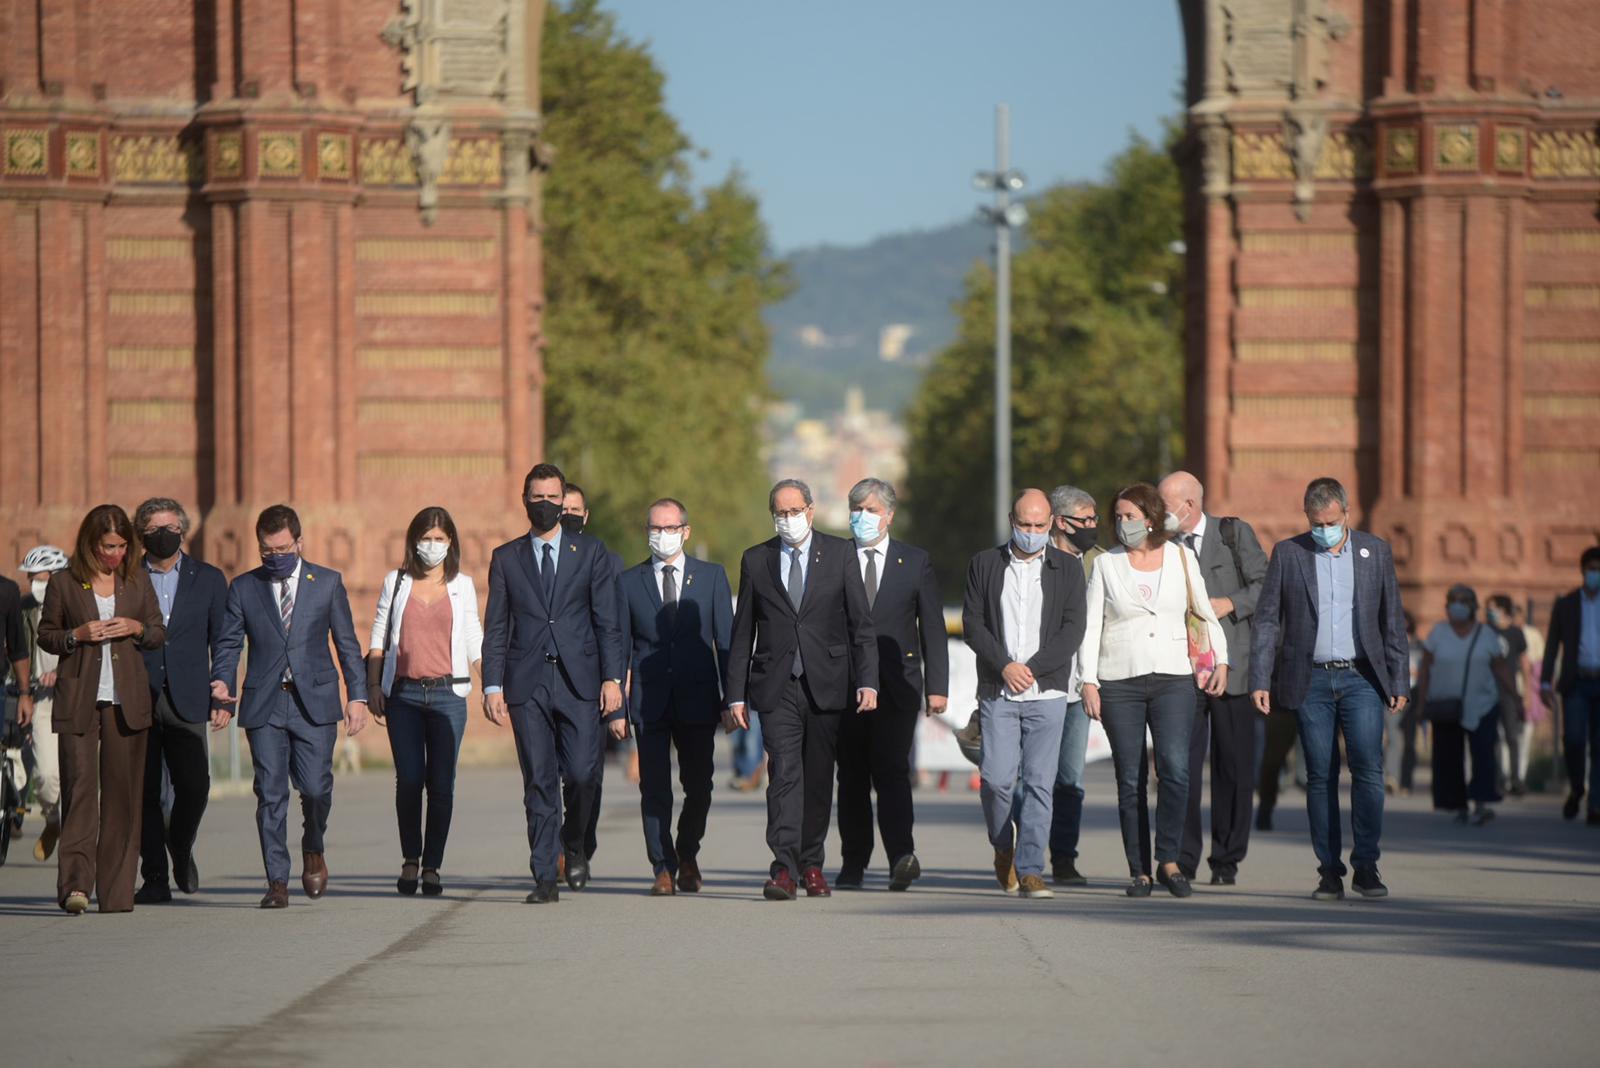 El gobierno de Quim Torra es fruto de una coalición independentista heterogénea / Foto: ERC